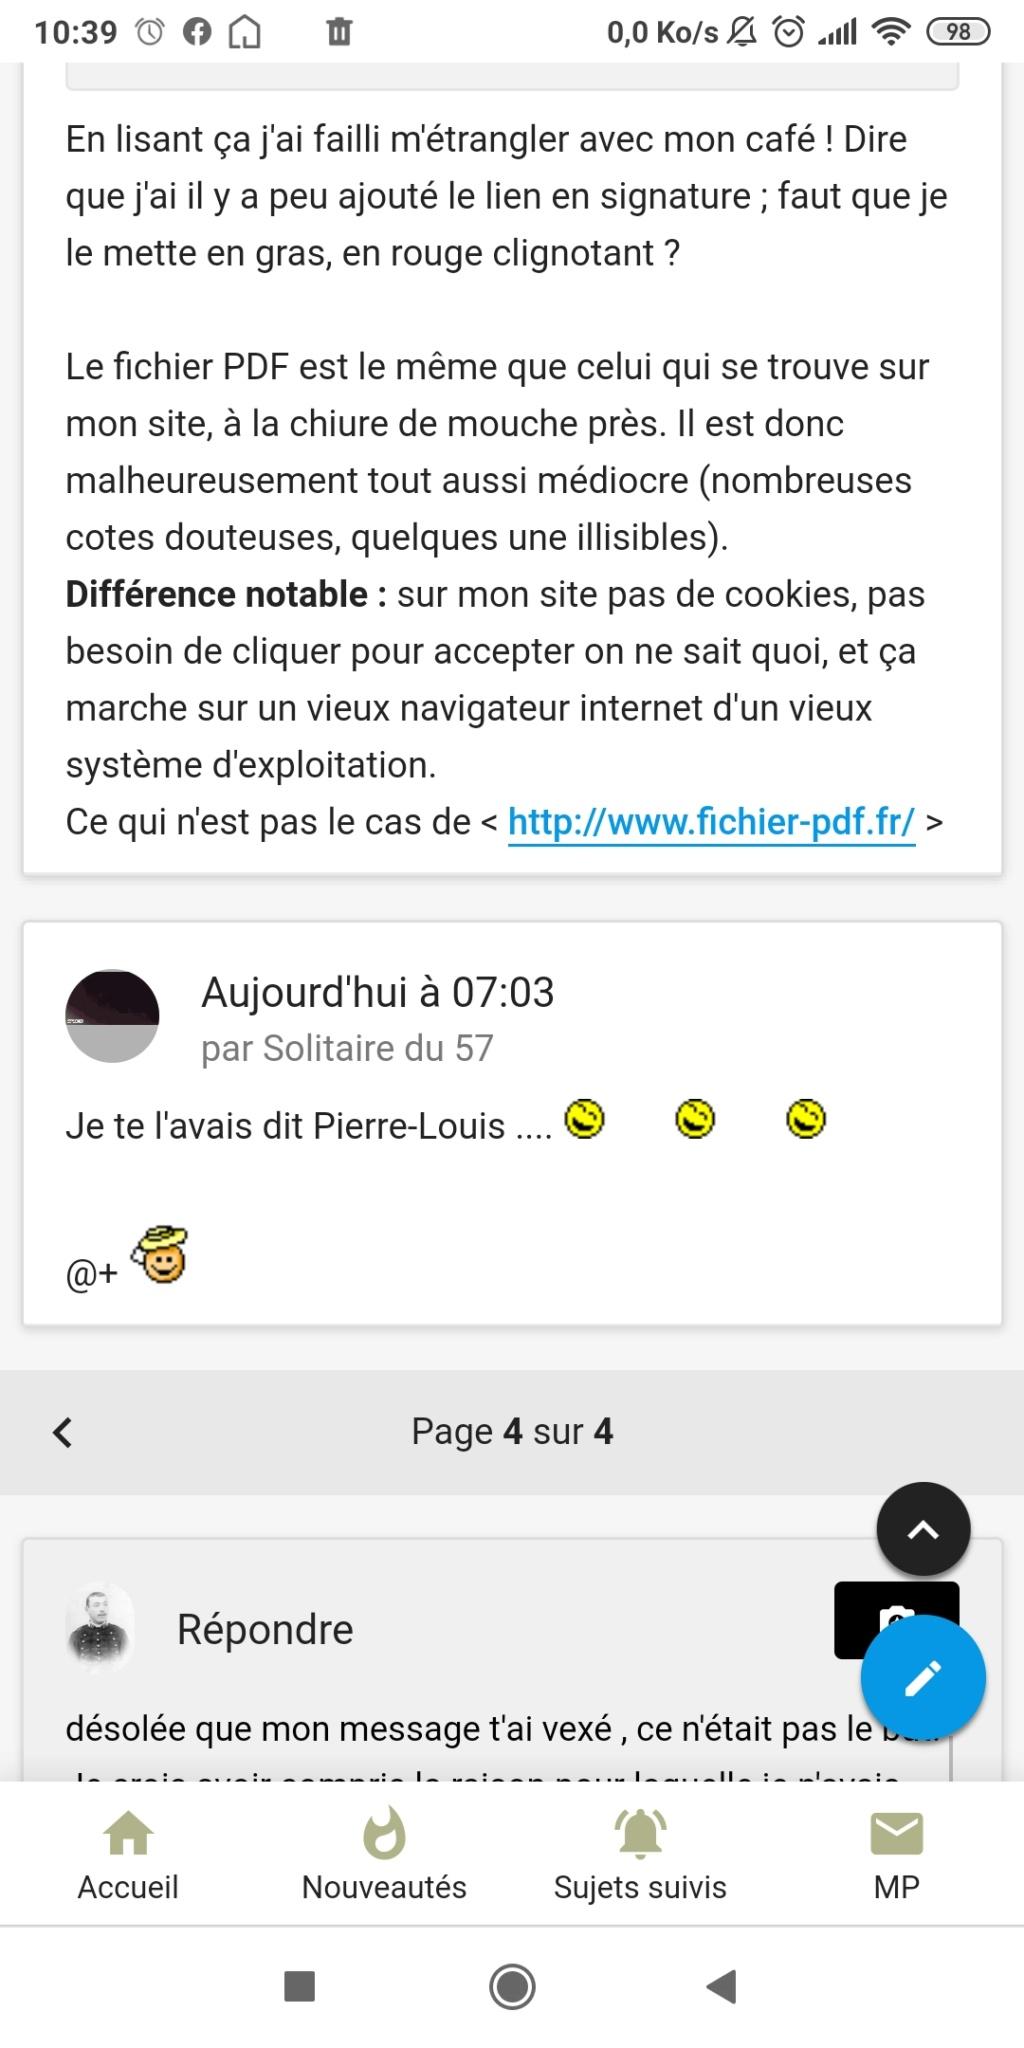 Aide pour Restauration Lebel R35 de Grenier et Berthier 07/15 - Page 4 Screen13